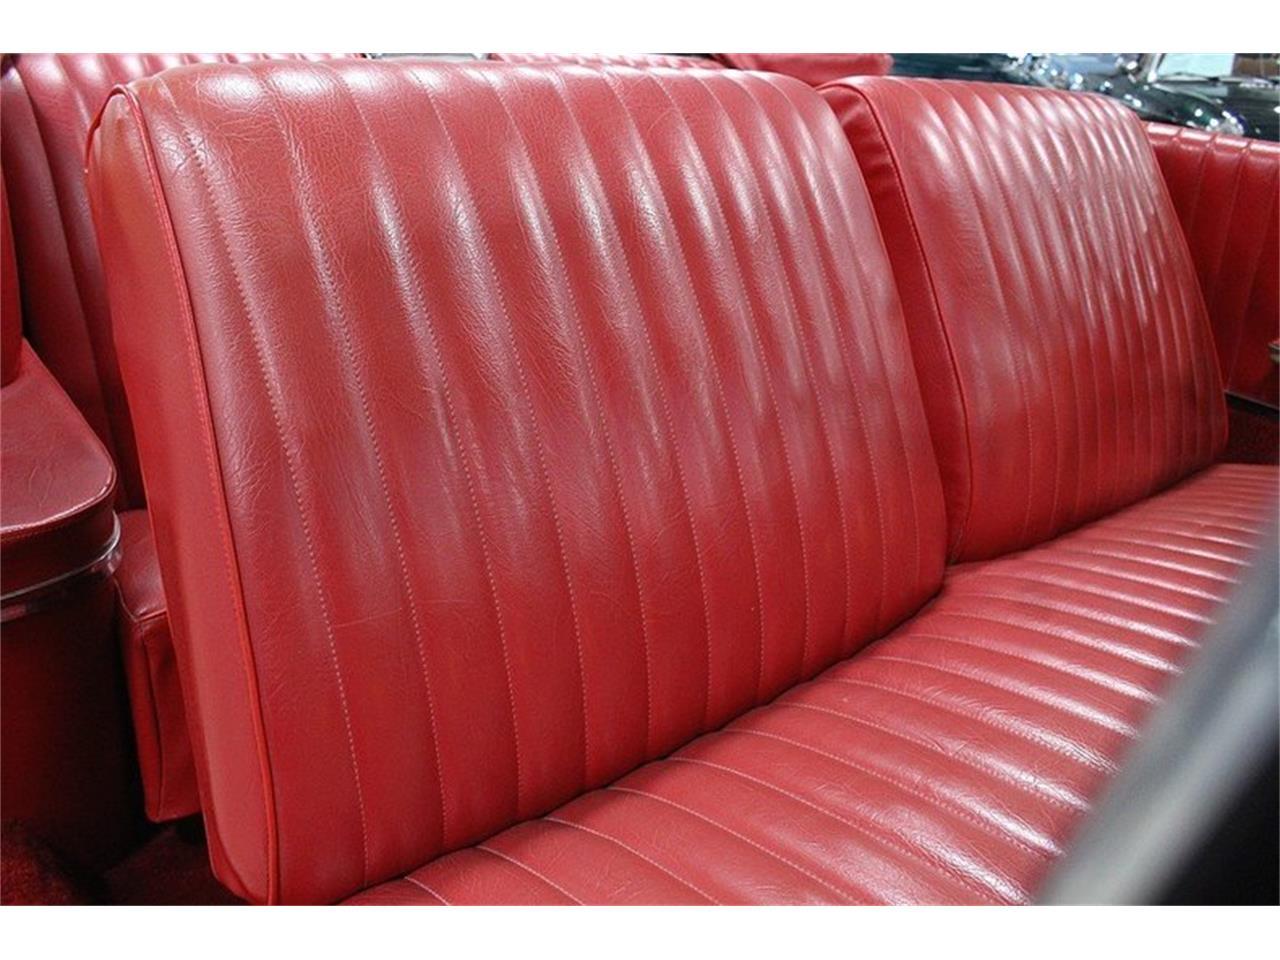 Large Picture of Classic '60 Pontiac Bonneville - $49,900.00 - LUZH